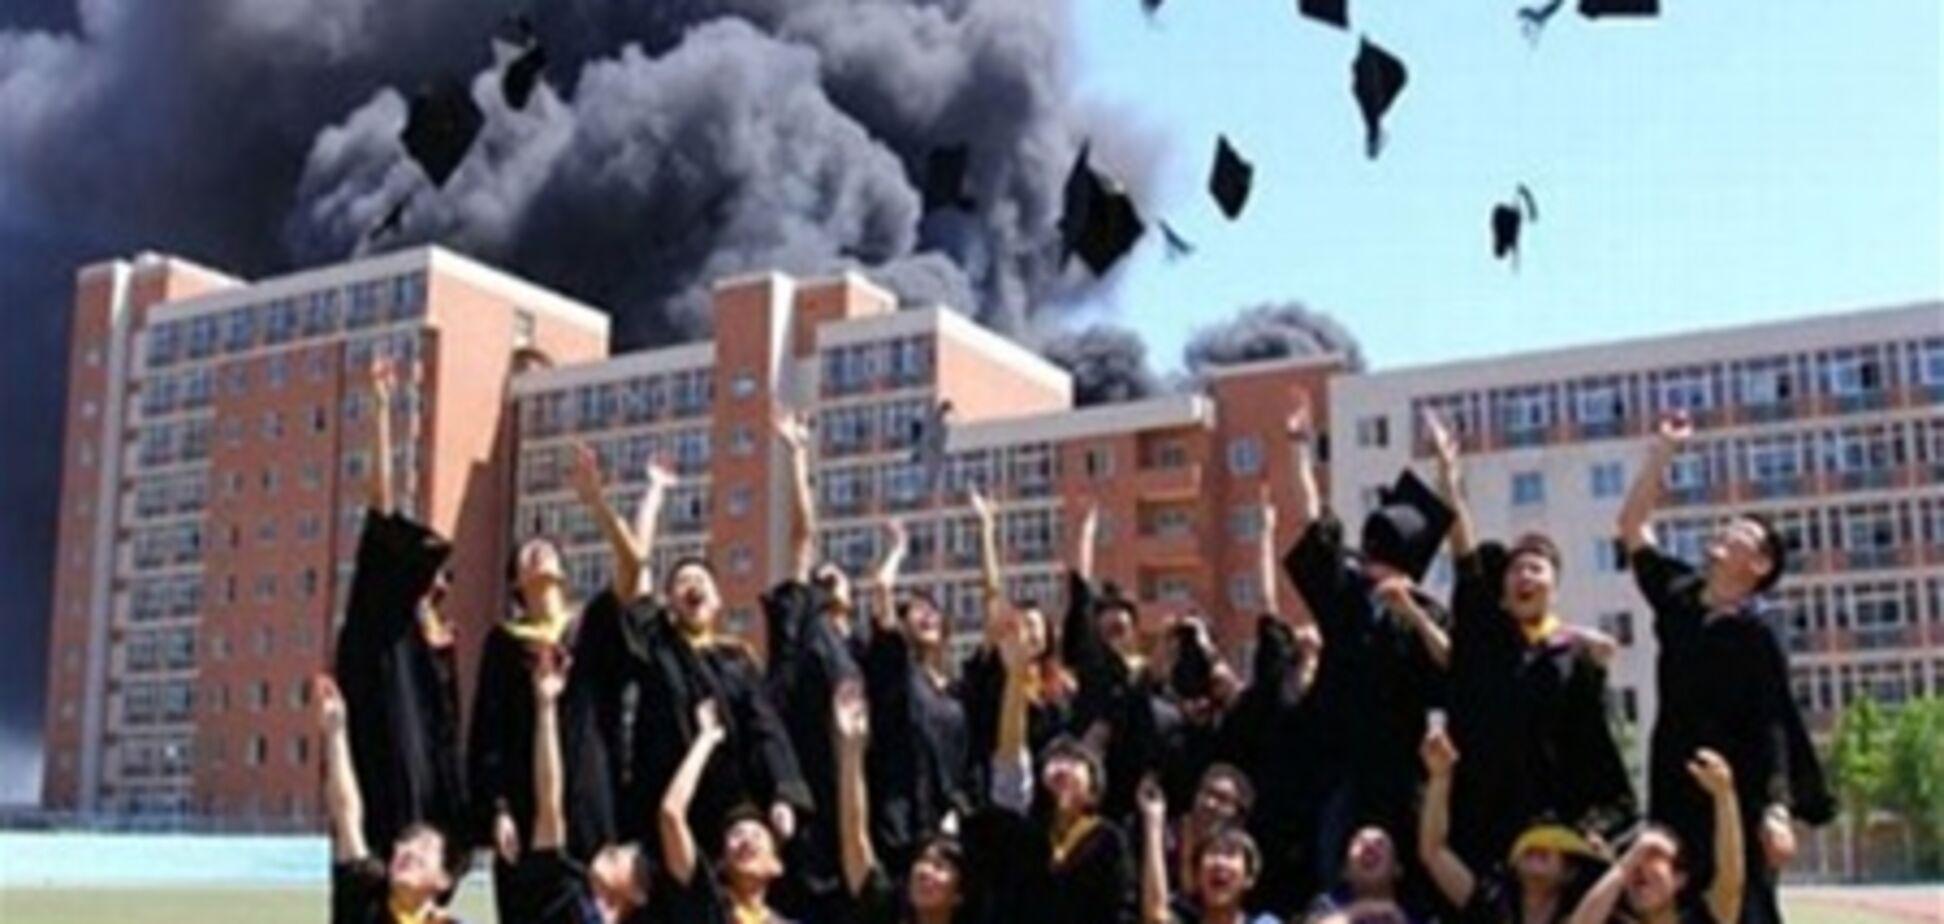 Випускники влаштували фотосесію на тлі палаючого гуртожитку